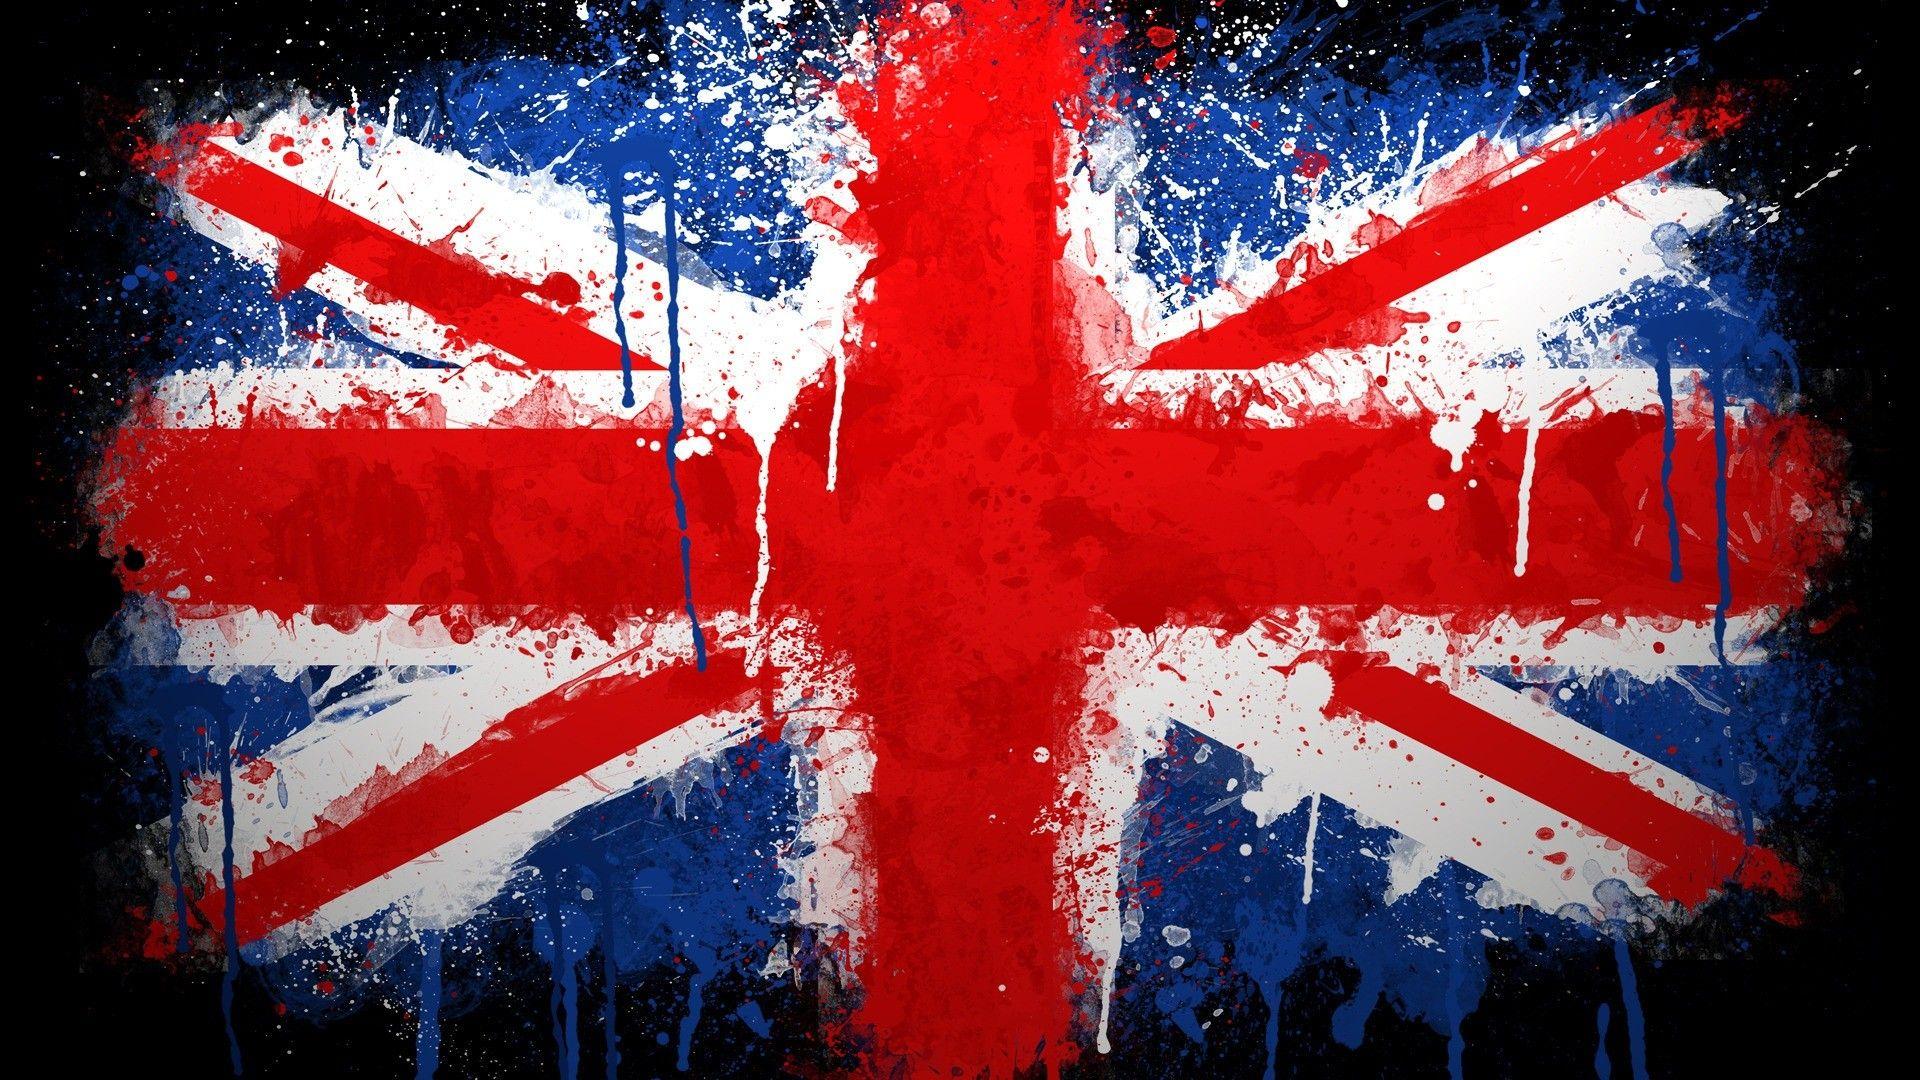 UKFlagdesktophdwalls.jpg (1920×1080) England flag